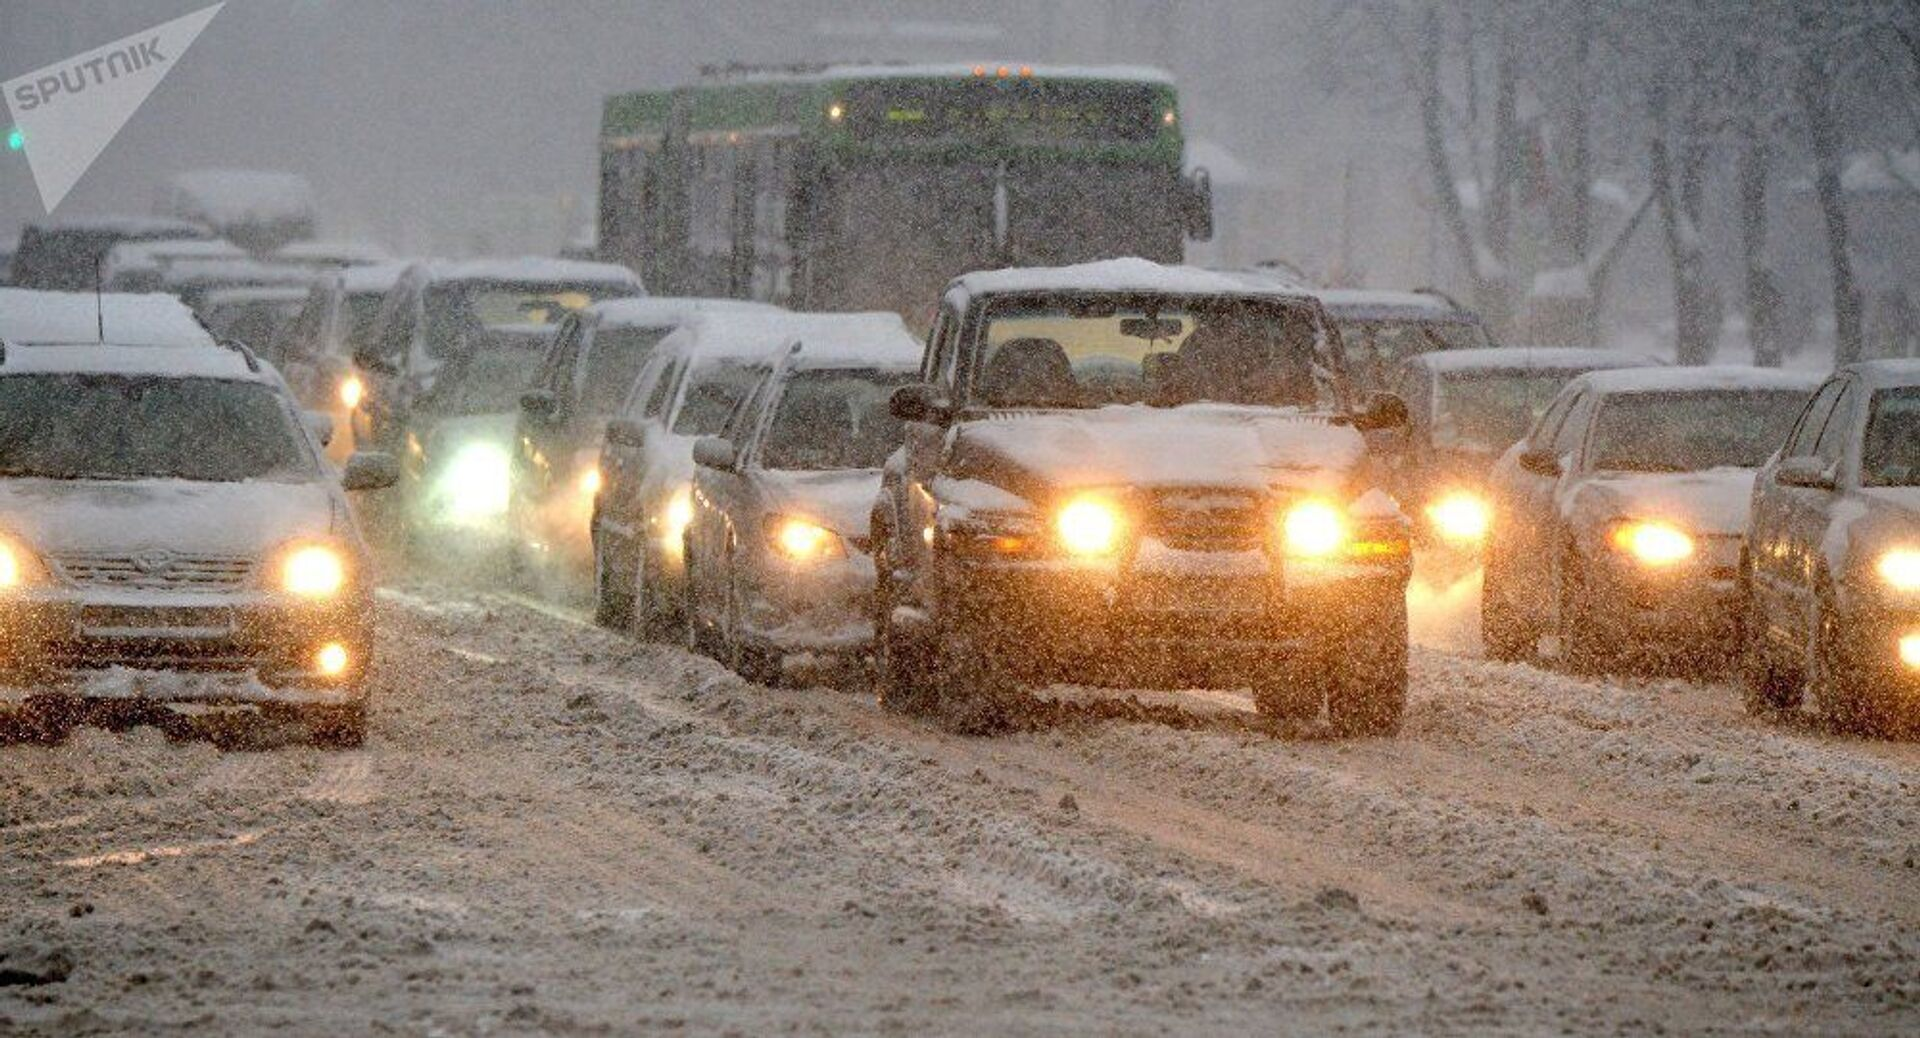 Александр Лукашенко: это не зима началась, а люди неожиданно стали жаловаться - Sputnik Армения, 1920, 09.02.2021